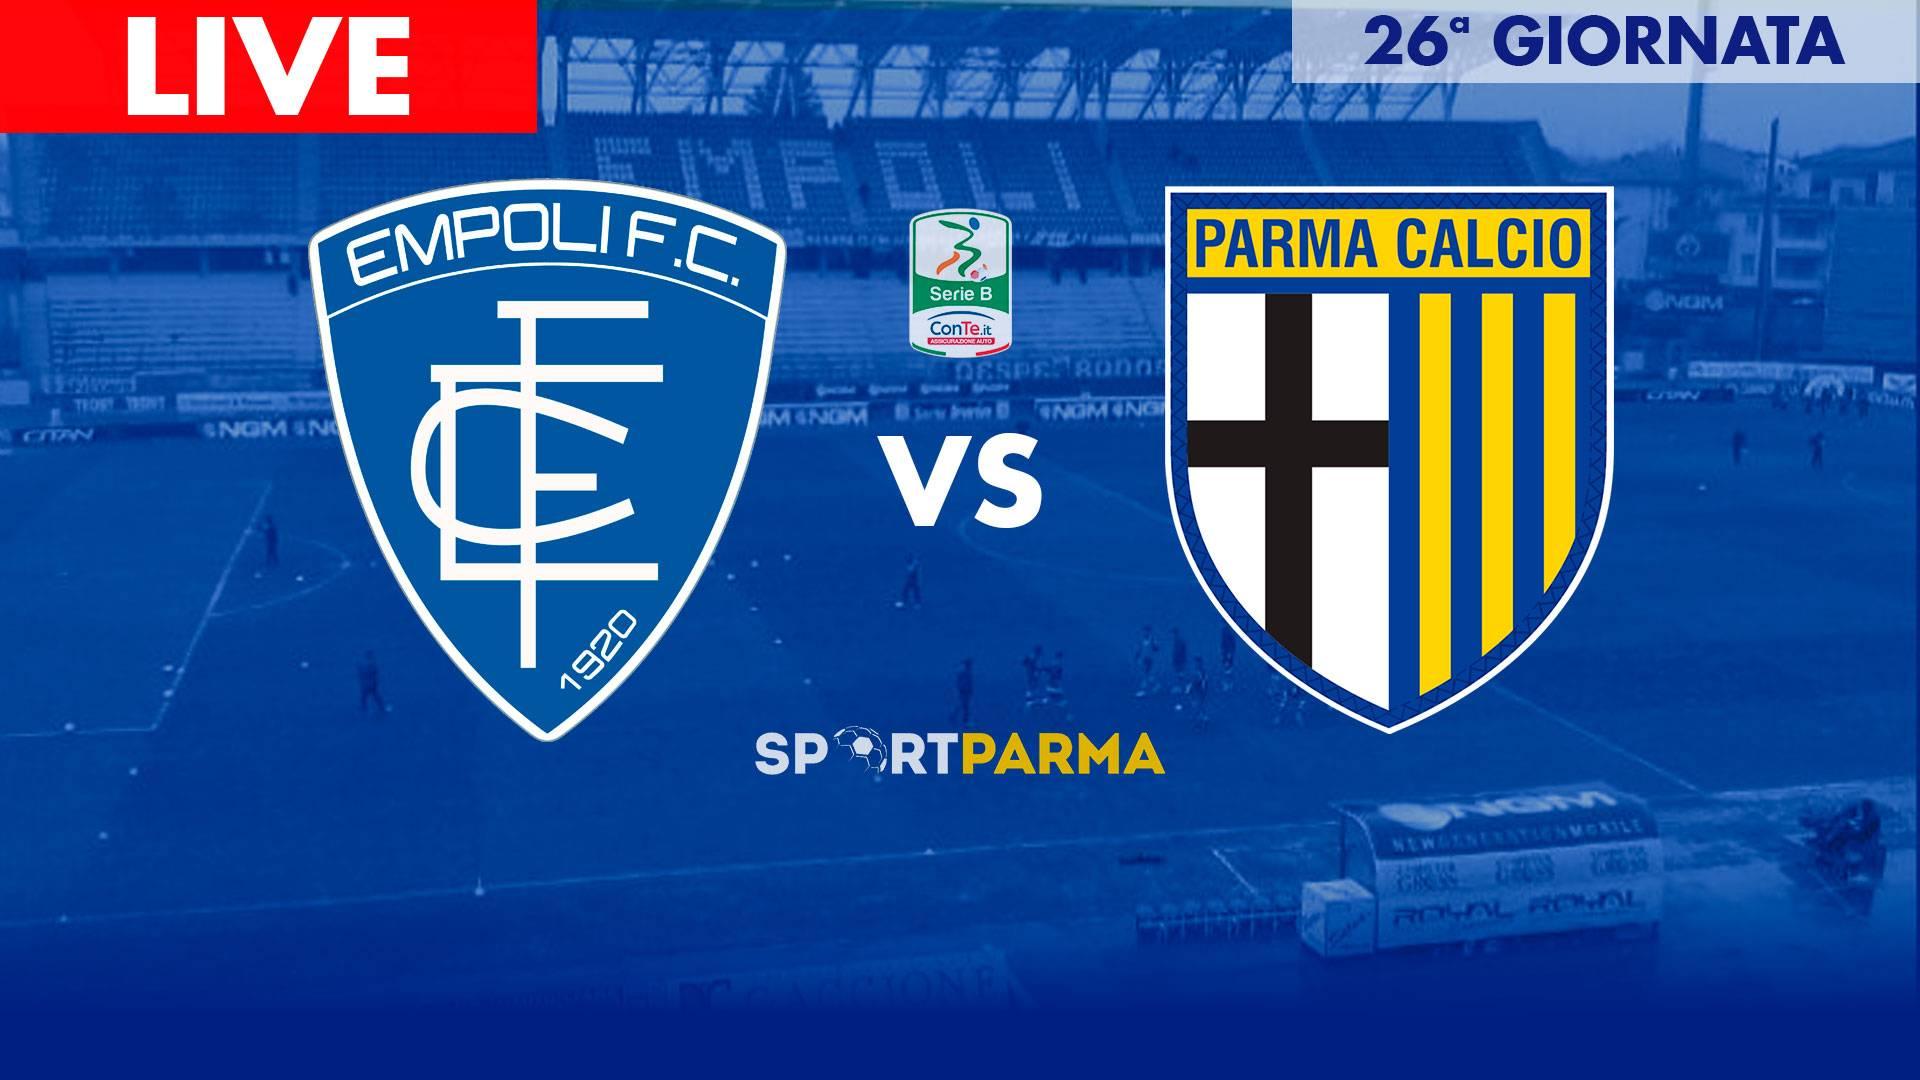 Serie B (26a giornata): l'Empoli strapazza il Parma. Palermo battuto dal Perugia